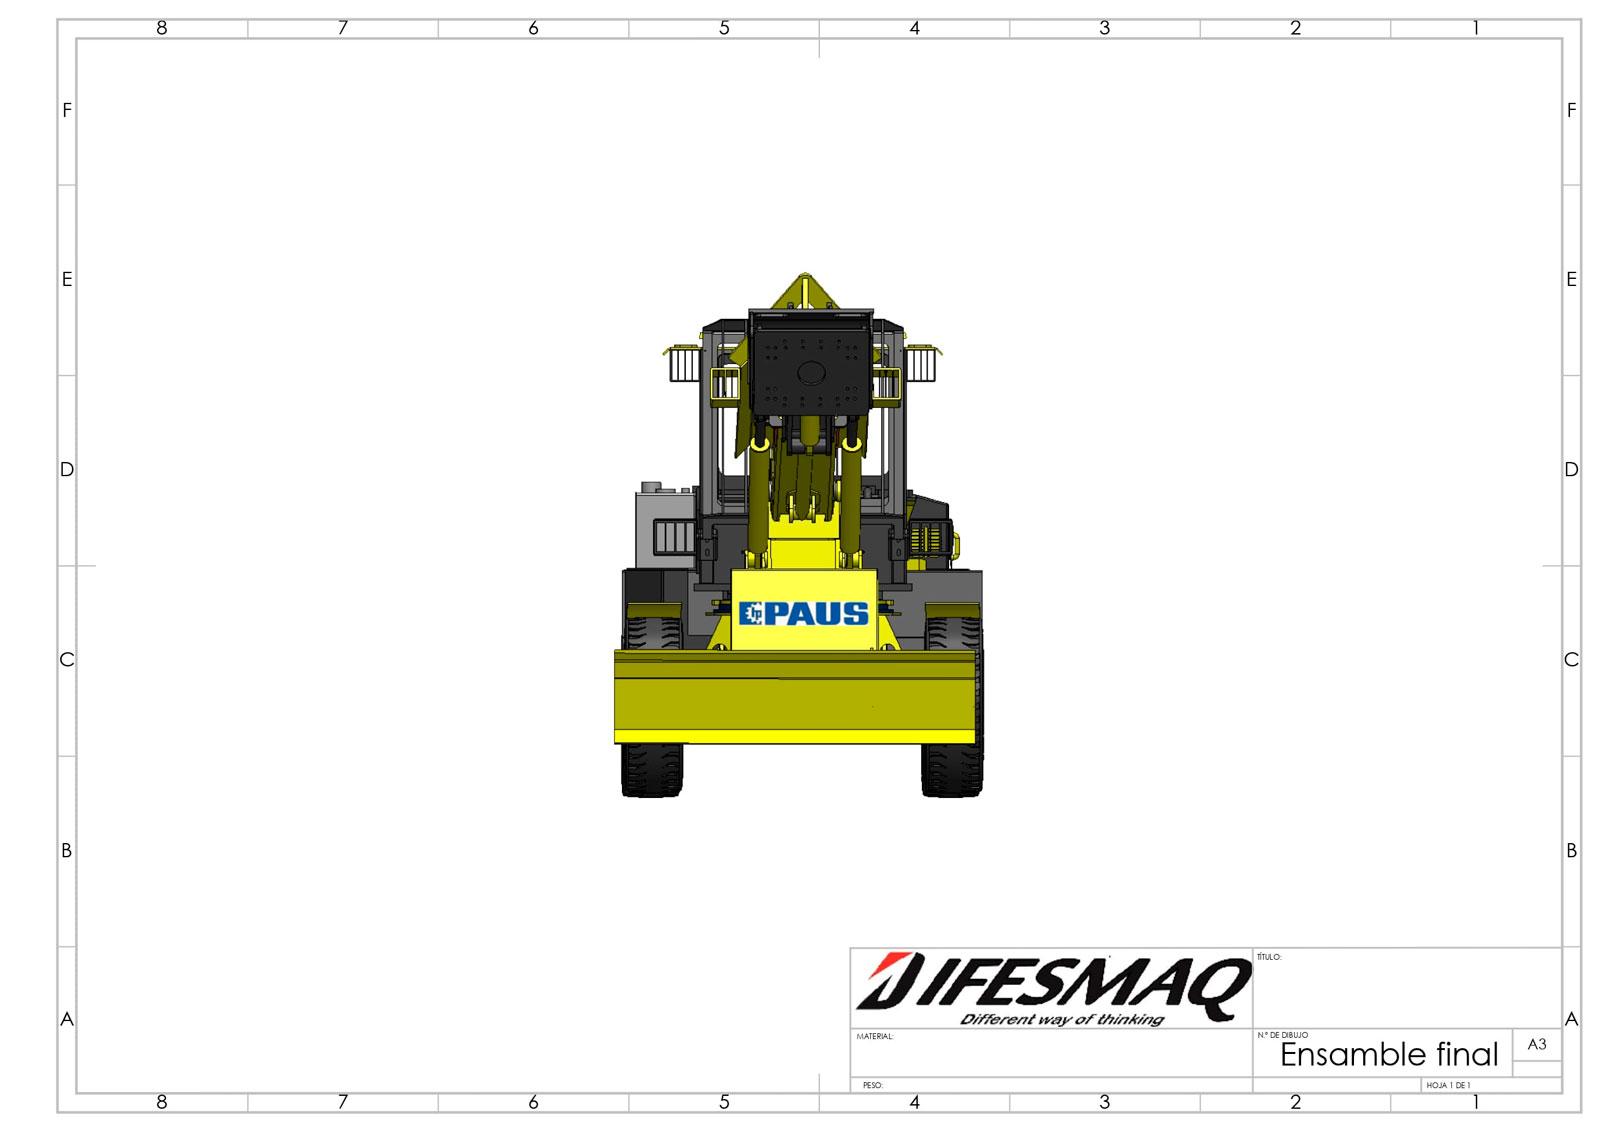 Modelado-Difesmaq-1